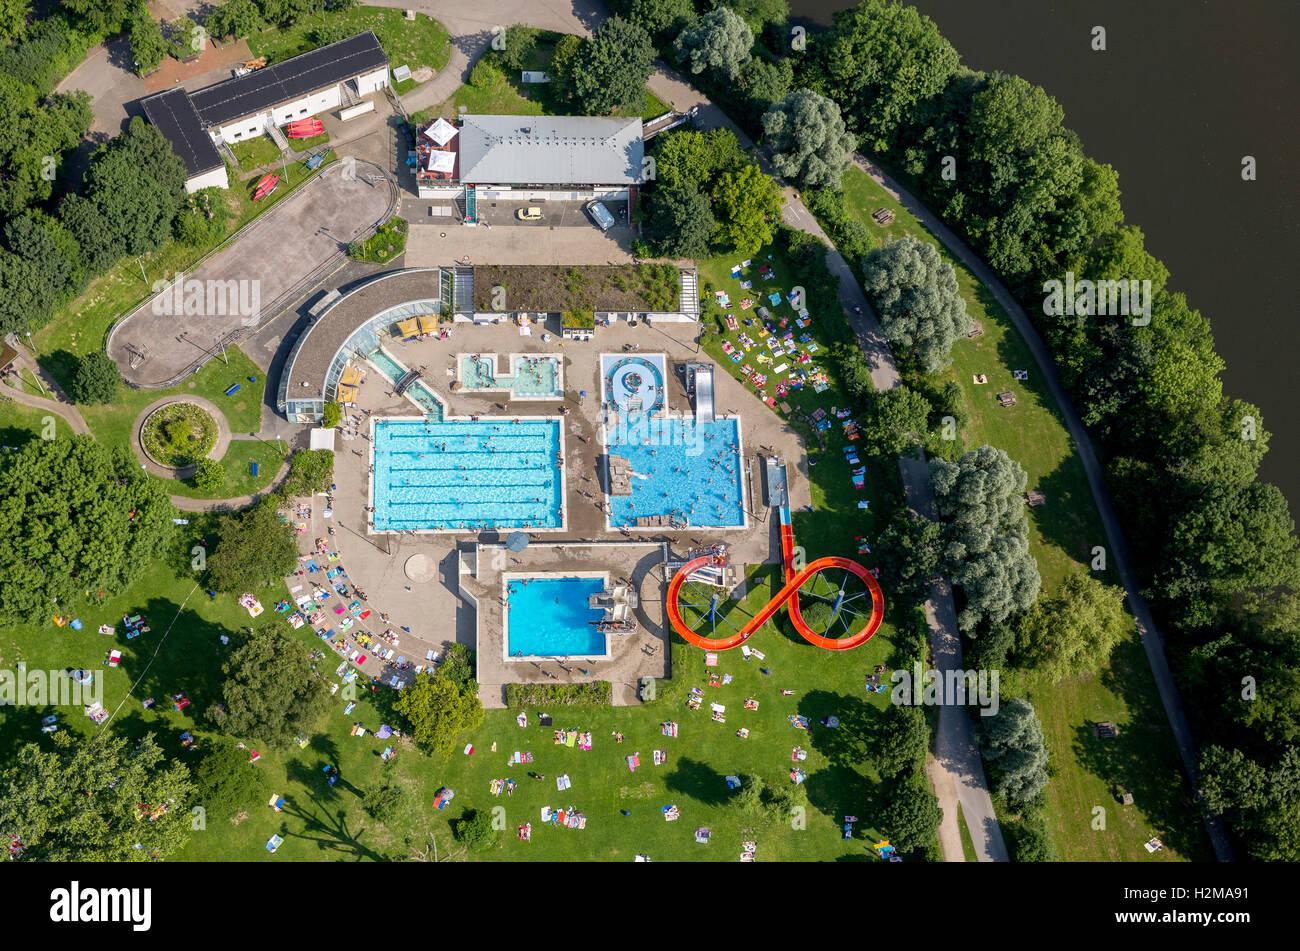 luftaufnahme schwimmbad herdecke ruhr und umgebung